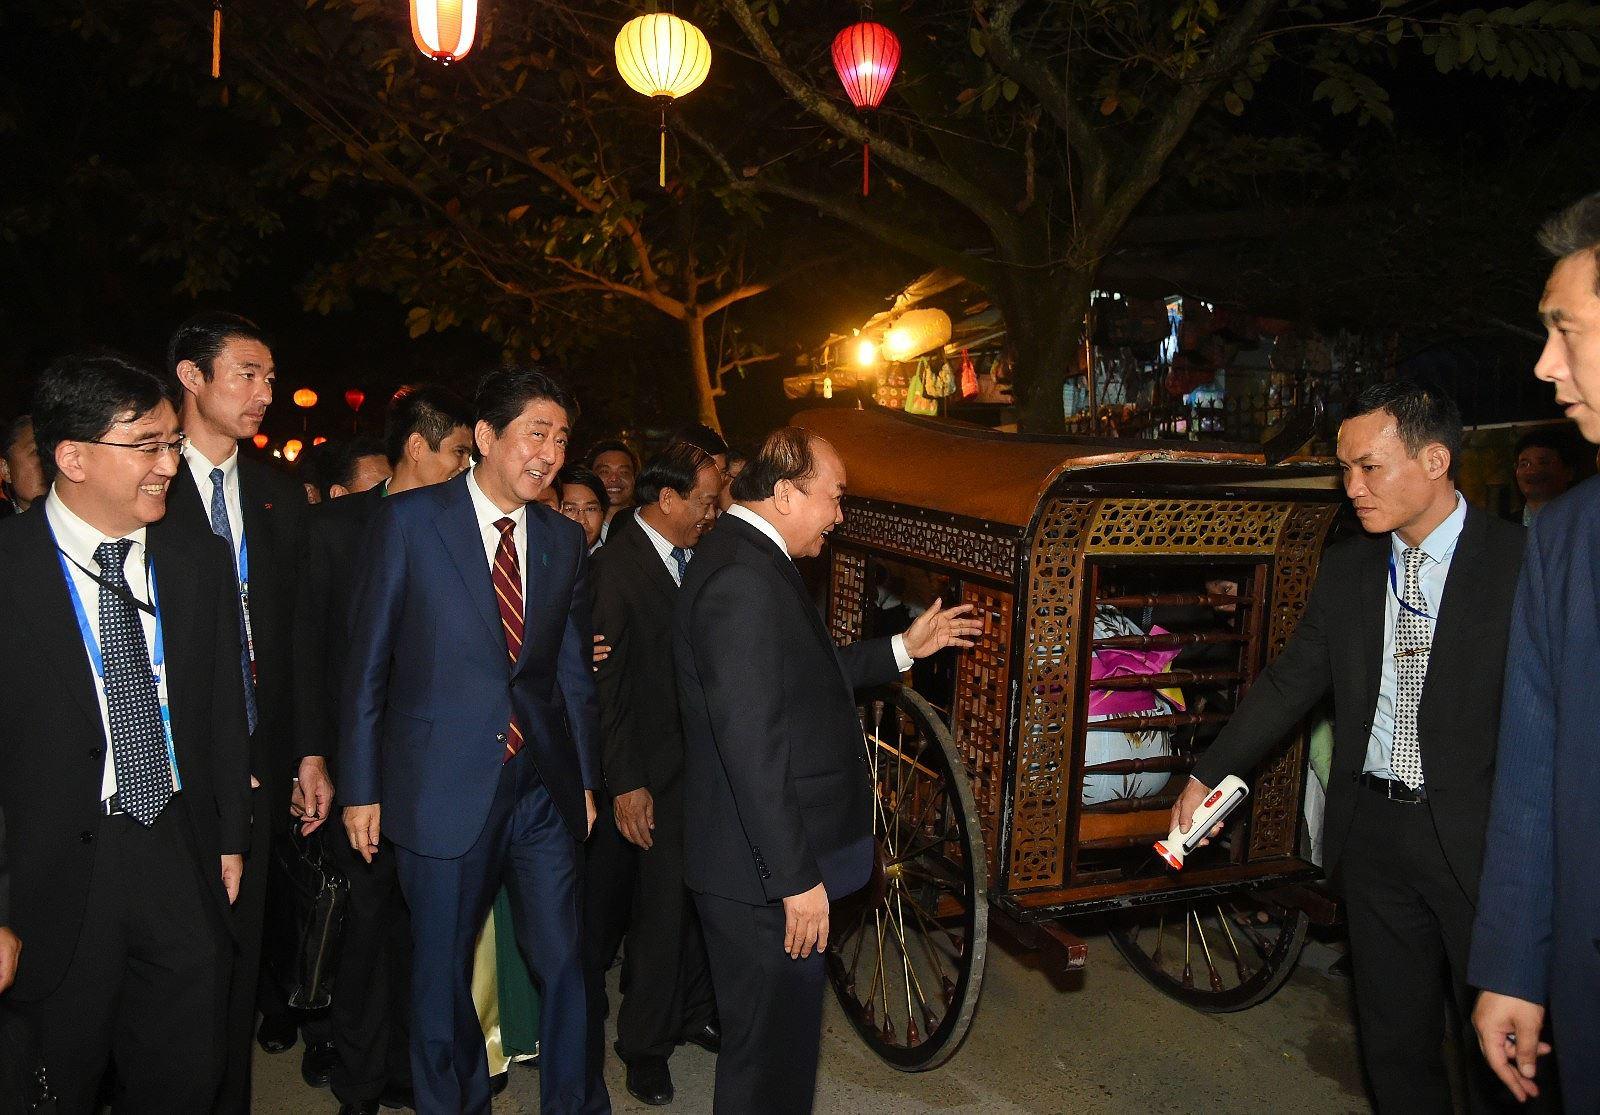 Thủ tướng Nhật Bản thân thiện bắt tay du khách khi tản bộ ở Hội An -  5